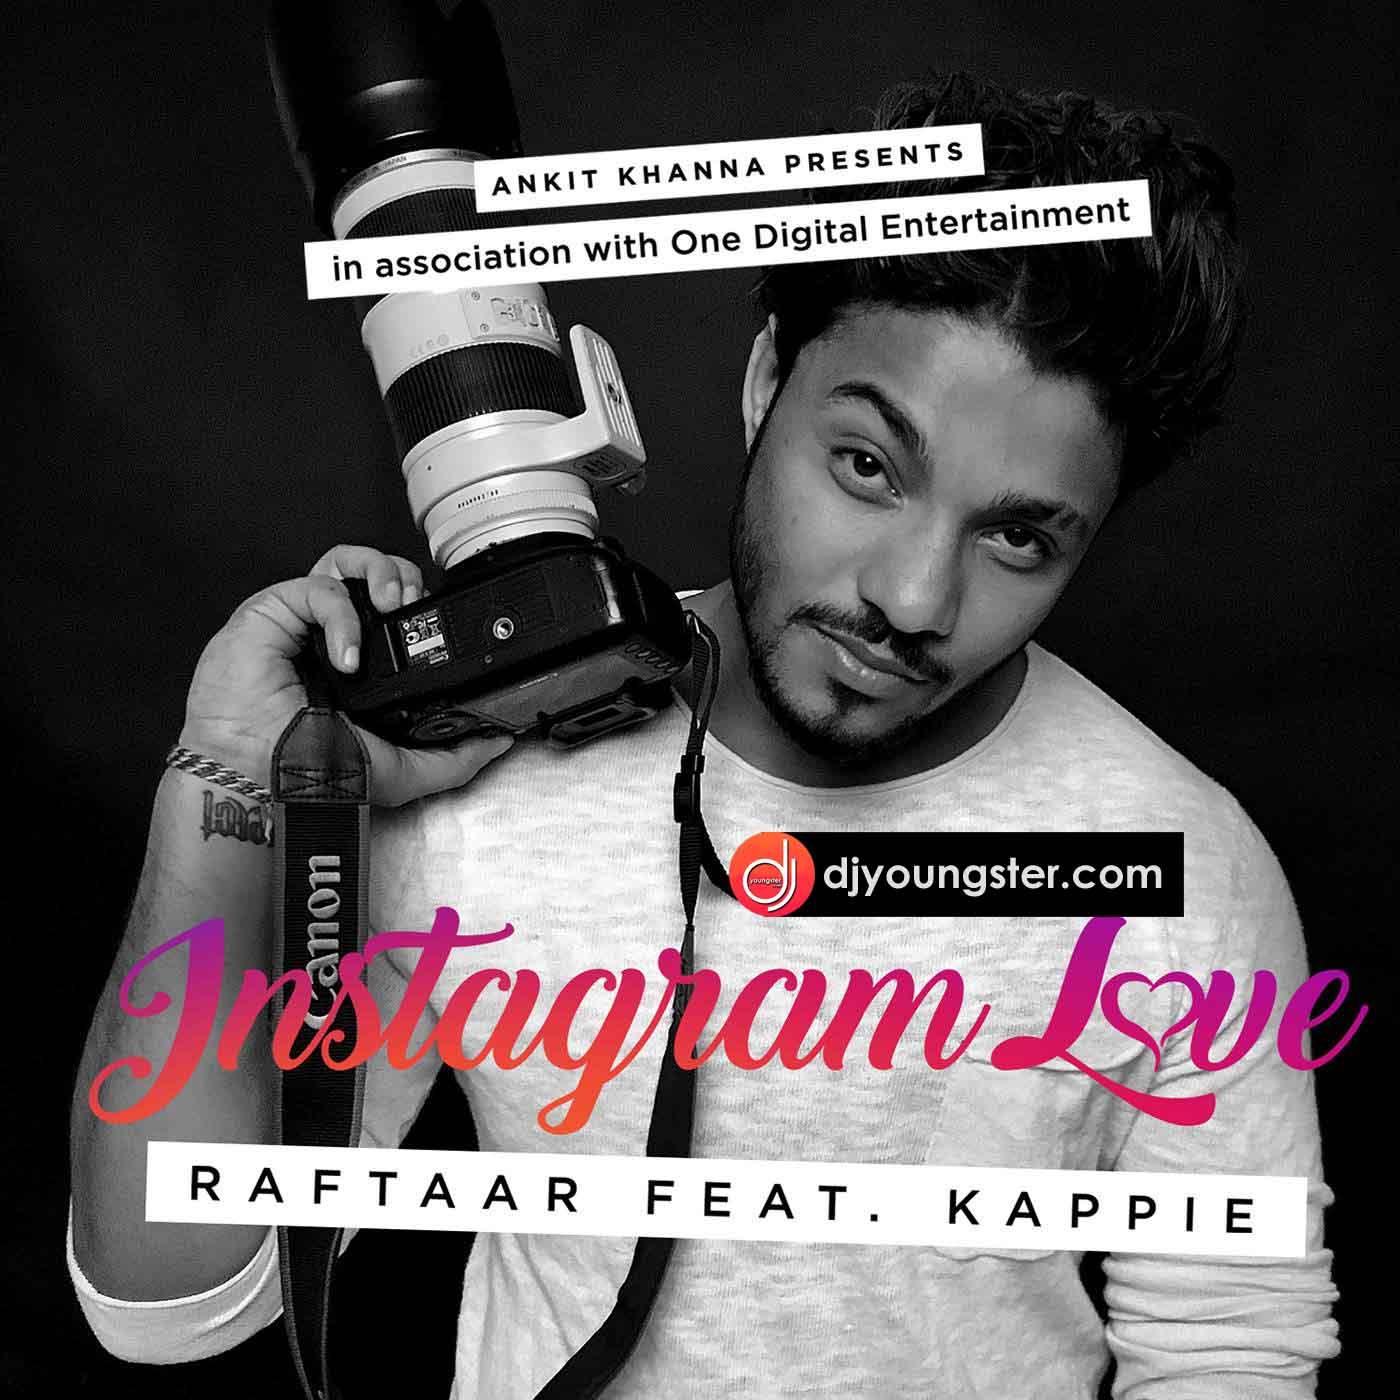 Instagram Love-Raftaar-Kappie Song Download | Djyoungster